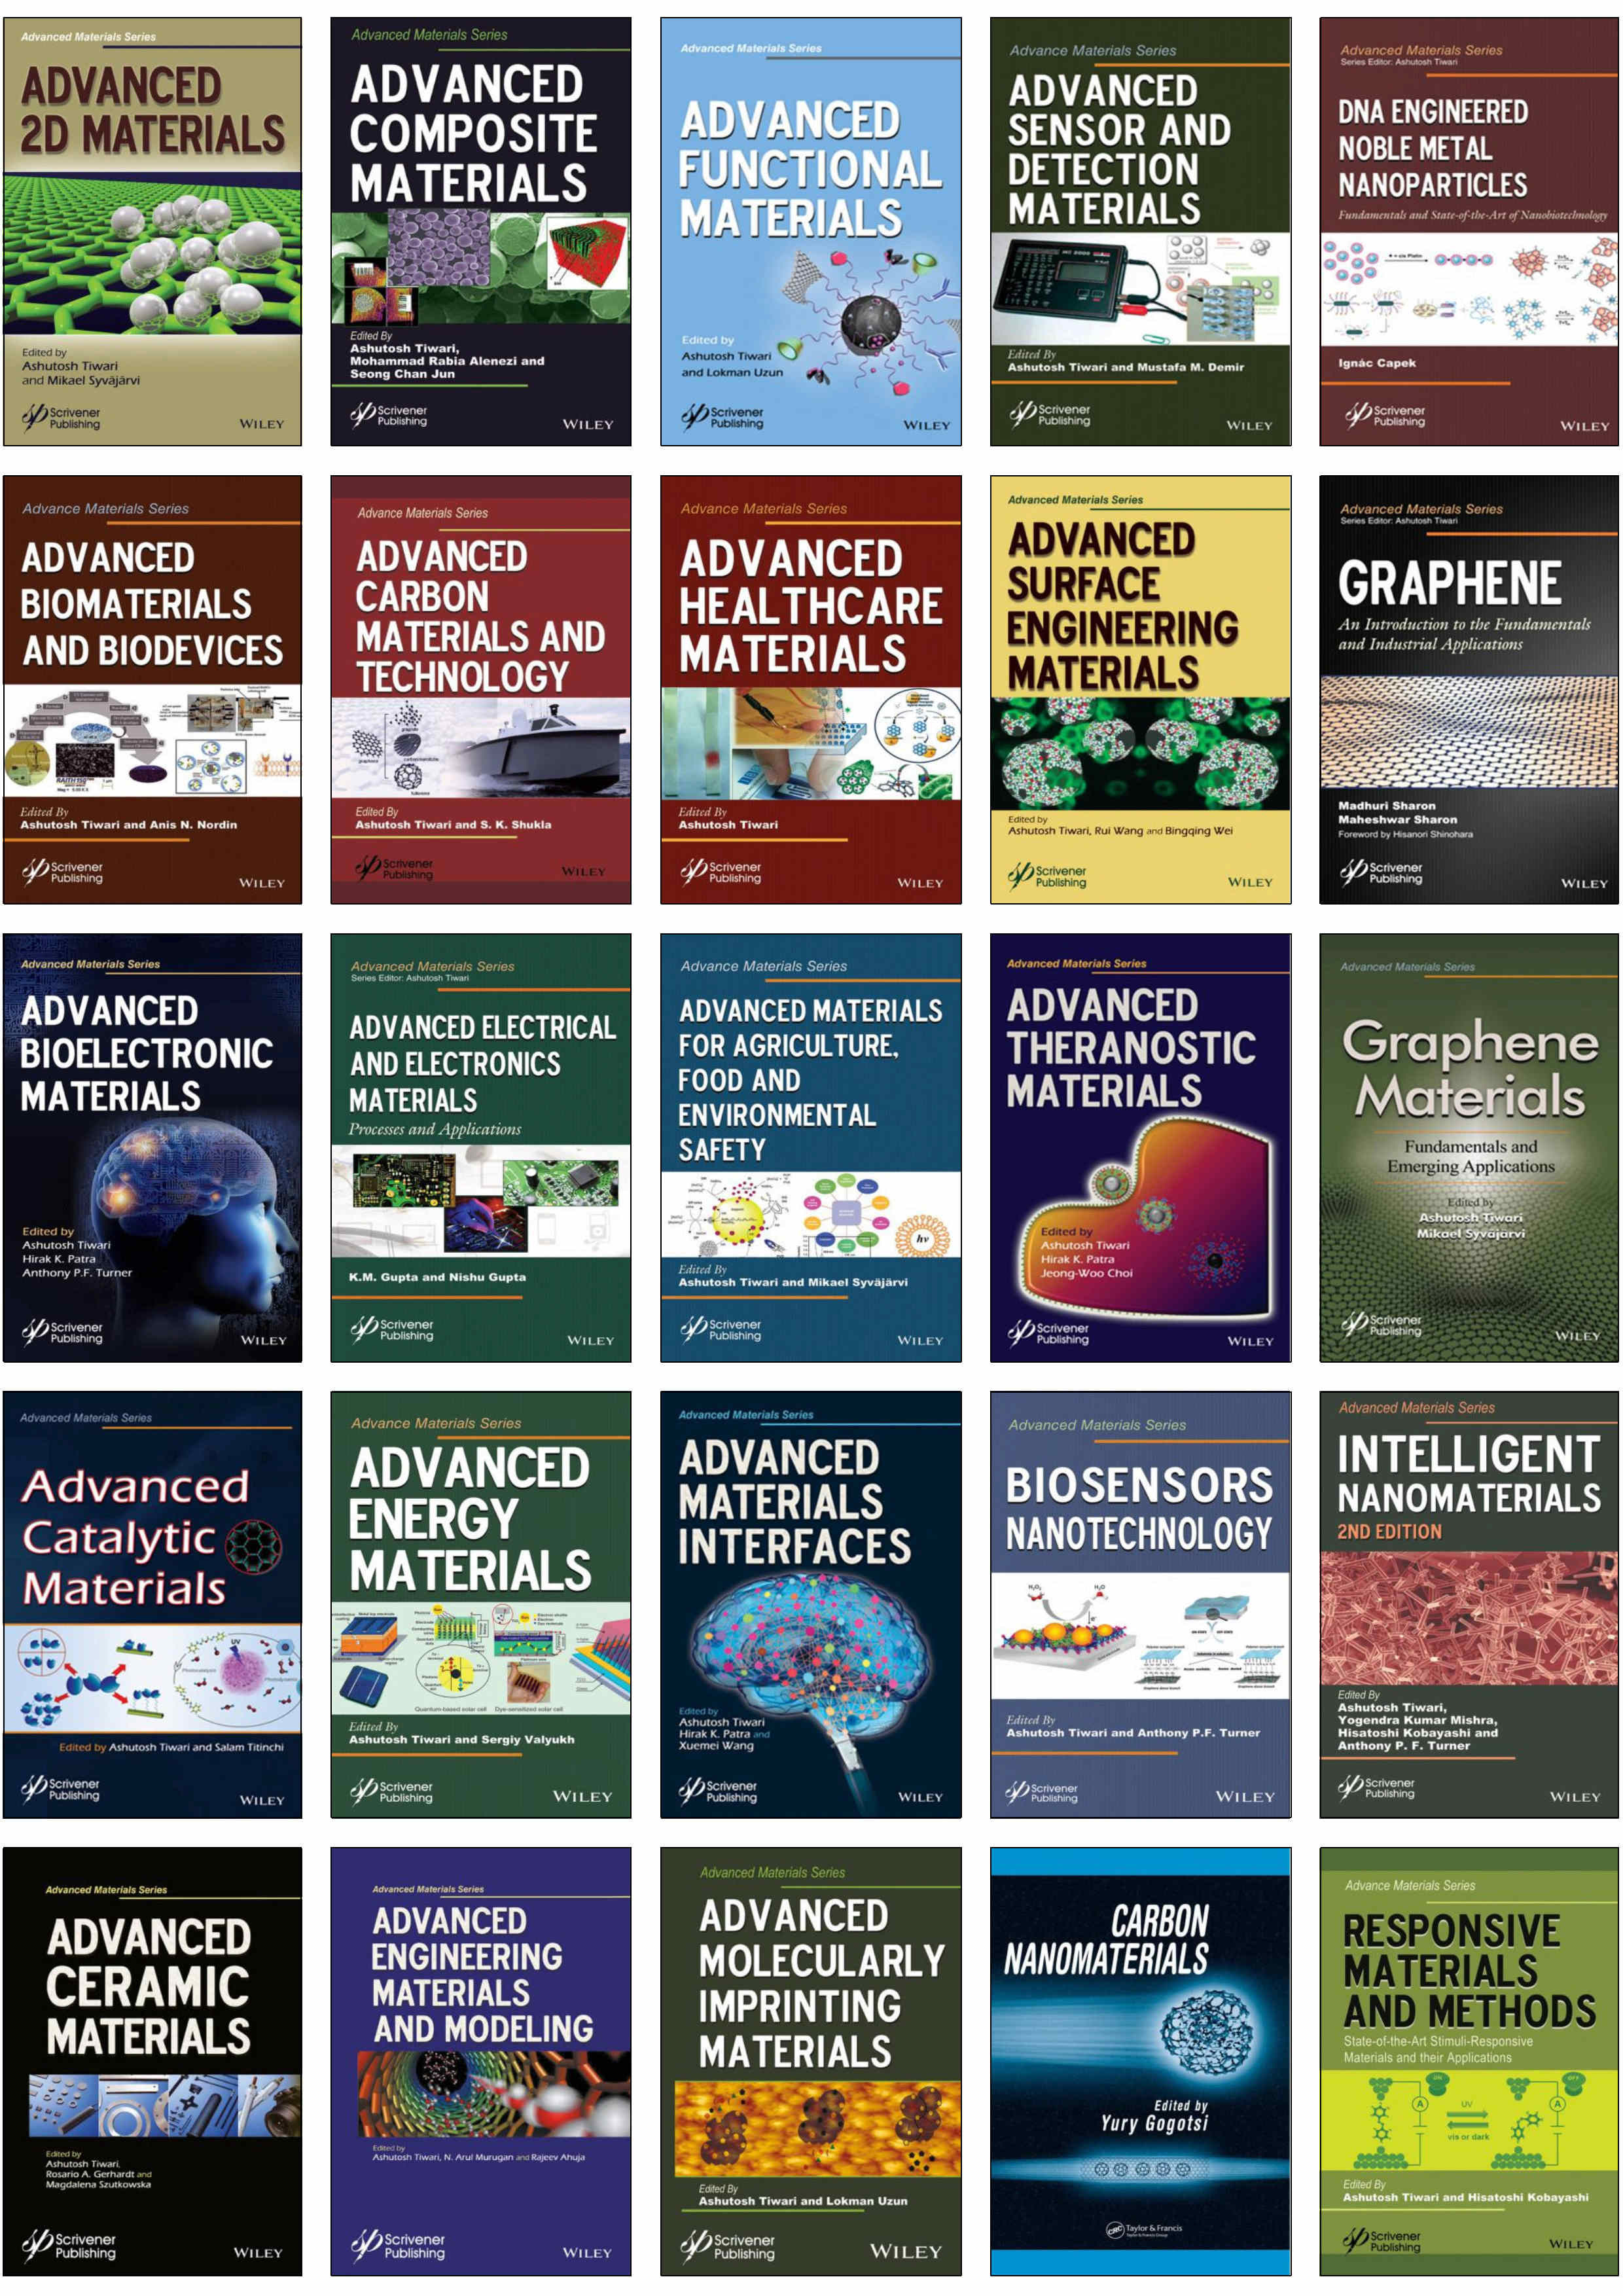 سلسلة علم المواد المتقدمة كاملة - Advanced Material Series  A_m_s12